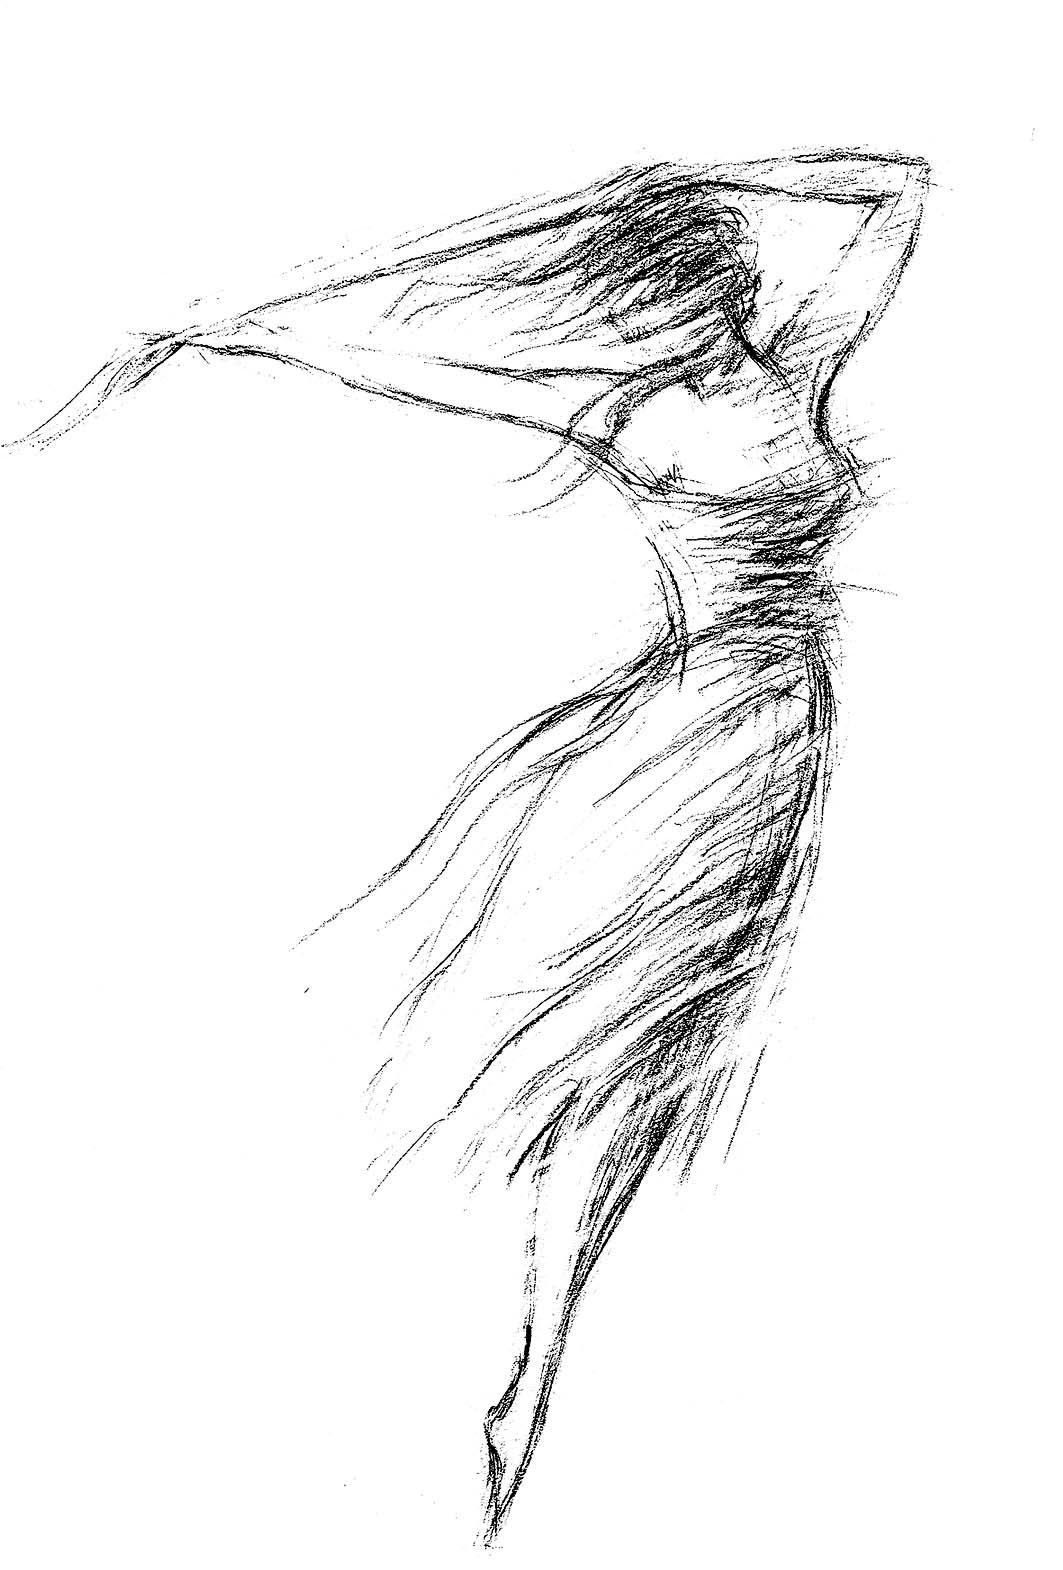 Digitalt Grafisk Arbeid av kunstner Fritz Helge Nyegaard - tittel: Danser med vinden 3